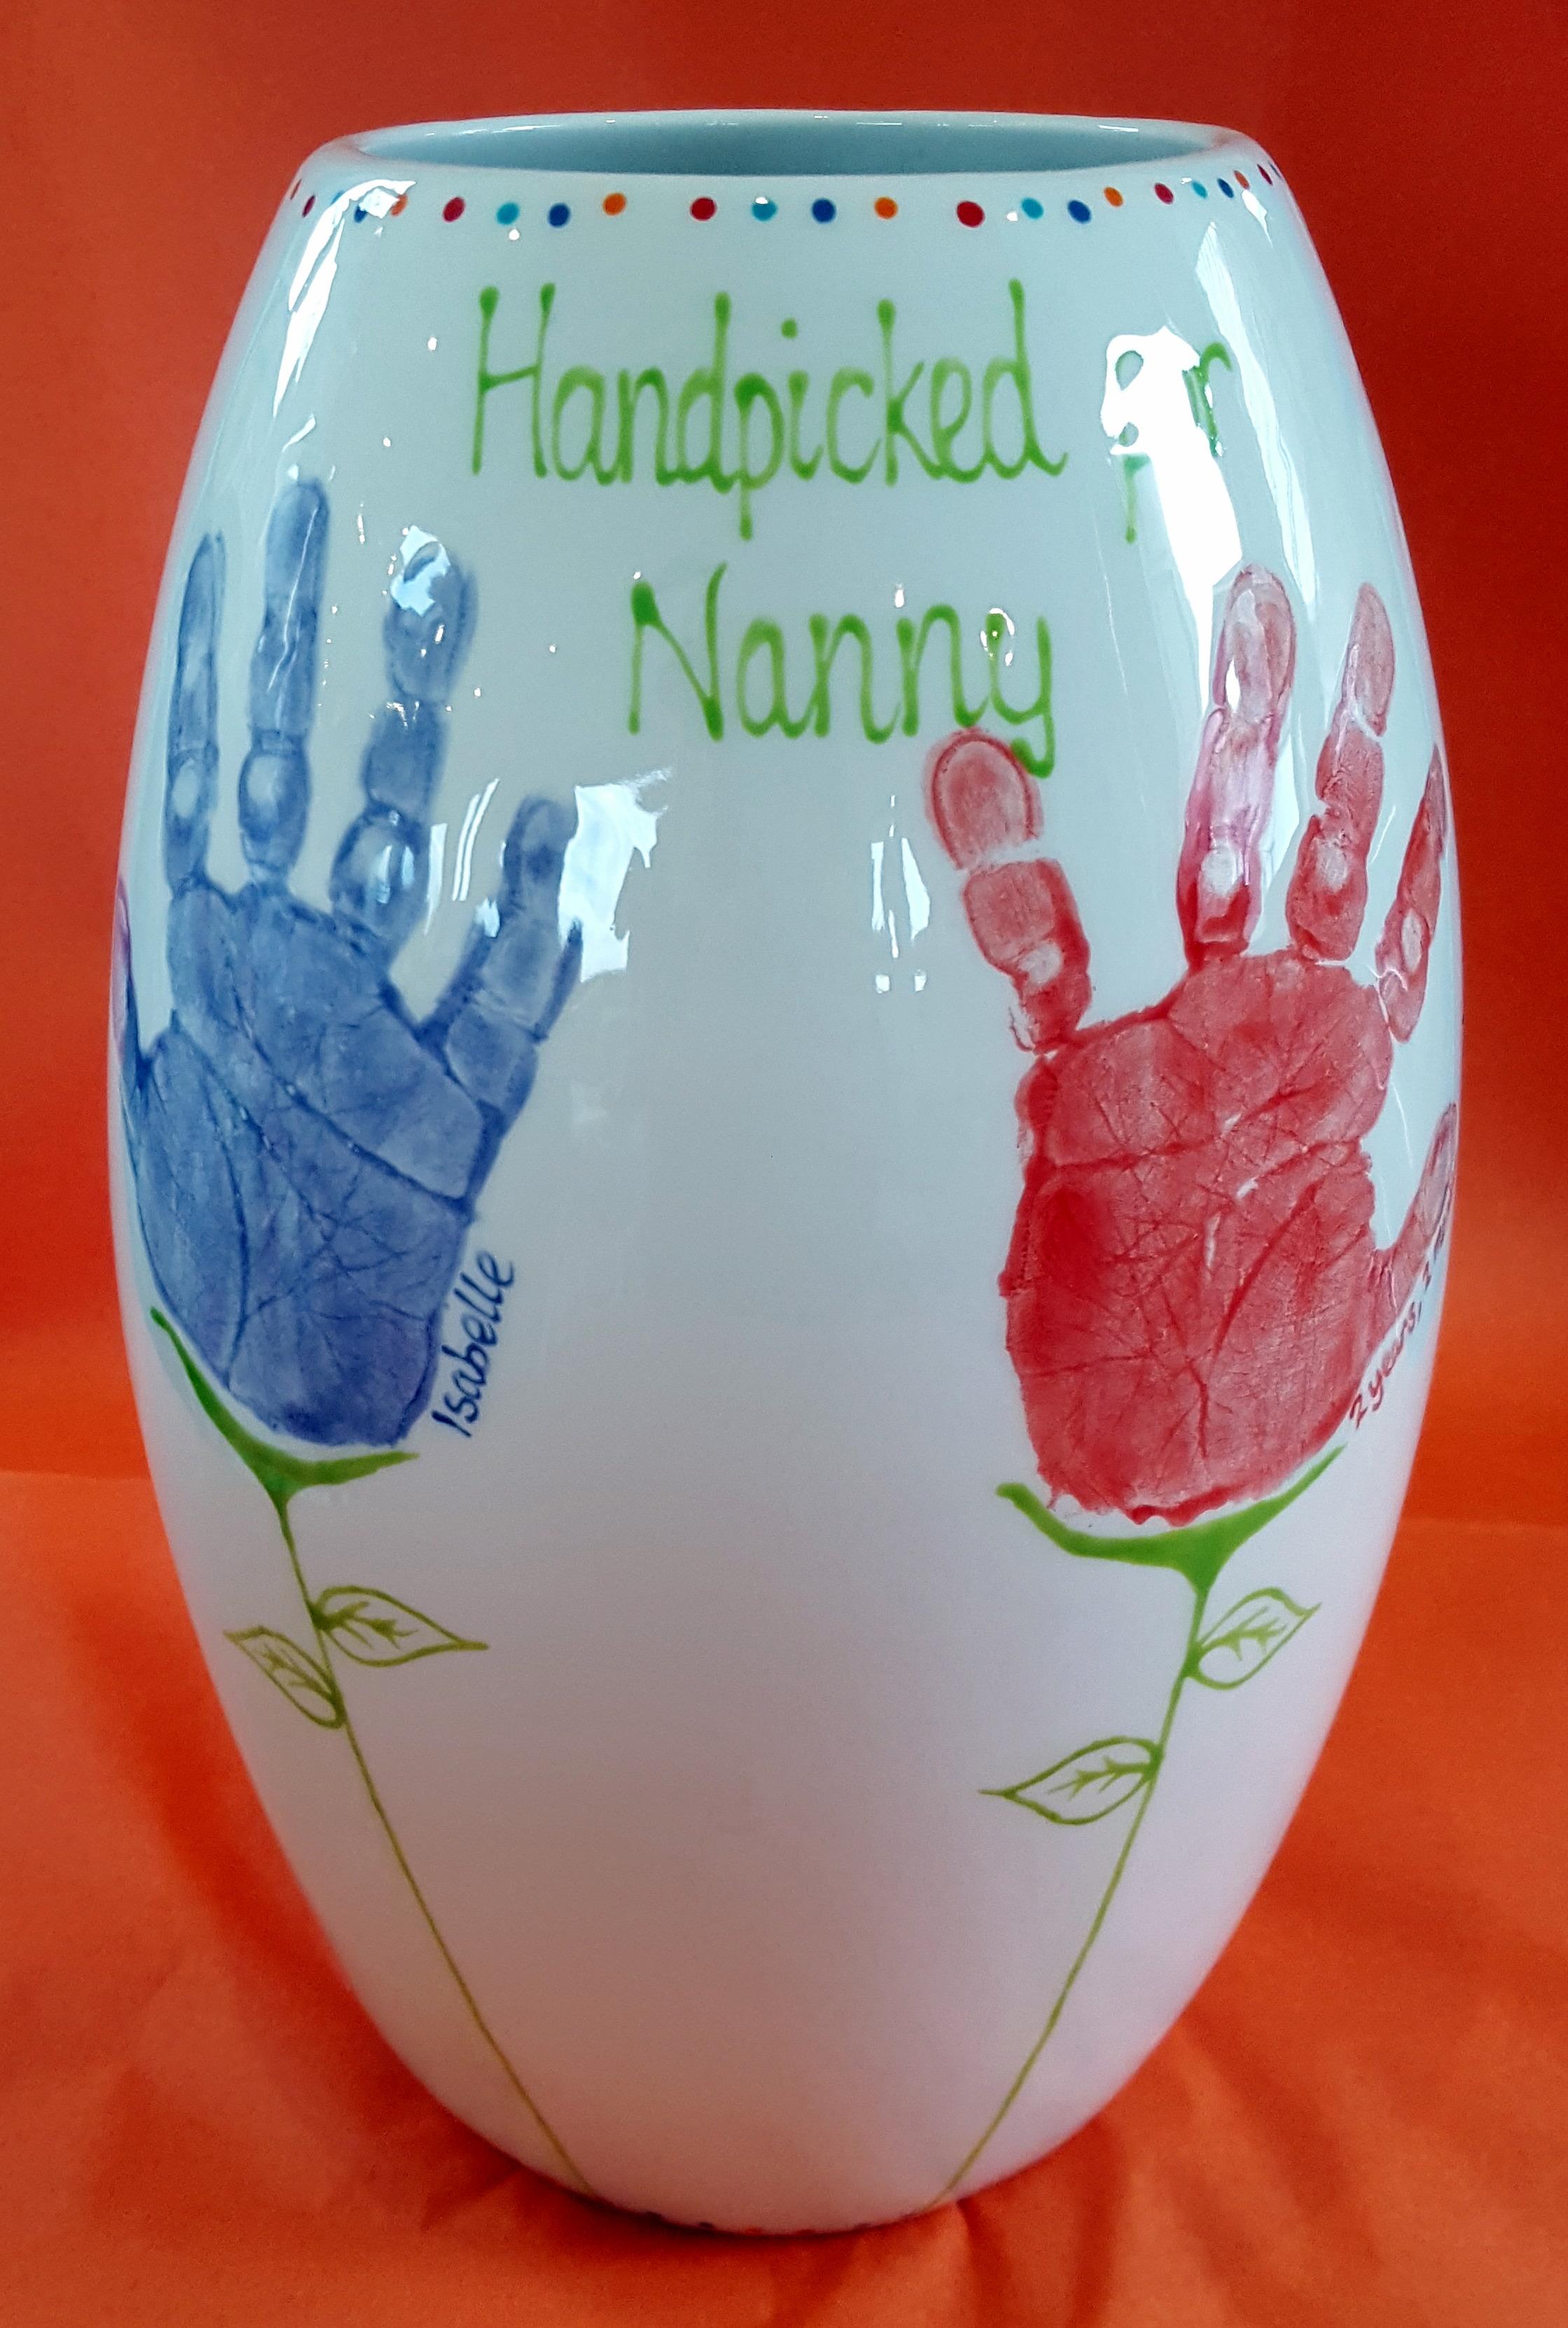 Handpicked for Nanny